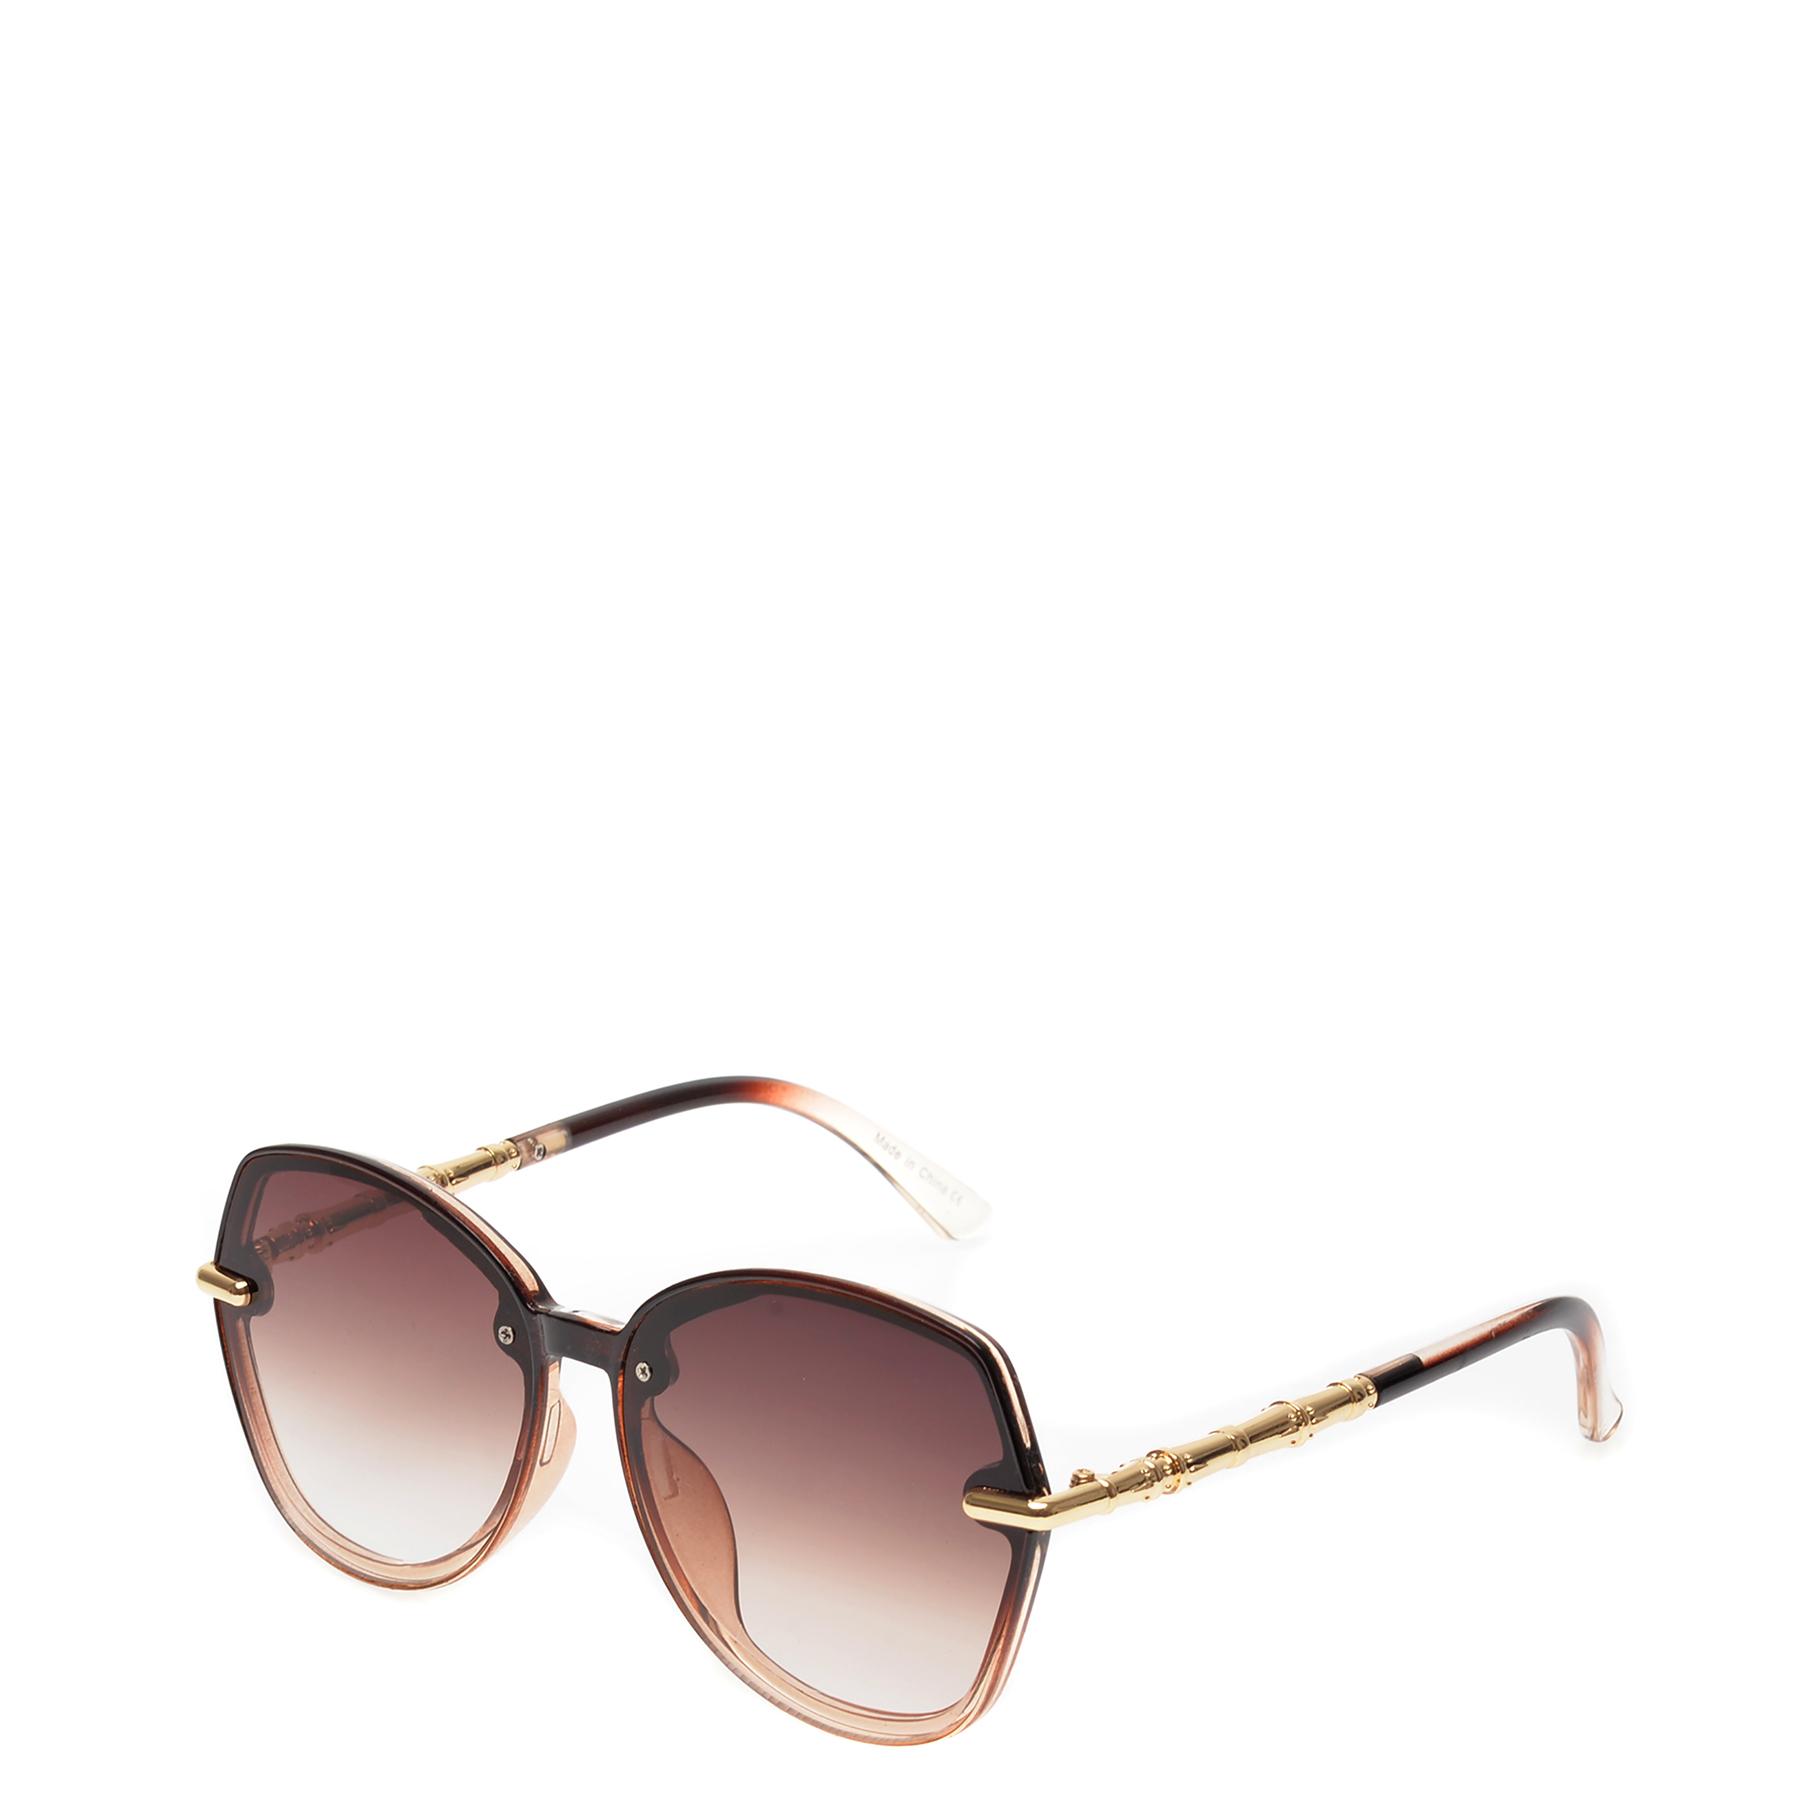 Ochelari de soare ALDO maro, Cortegaca200, din PVC imagine